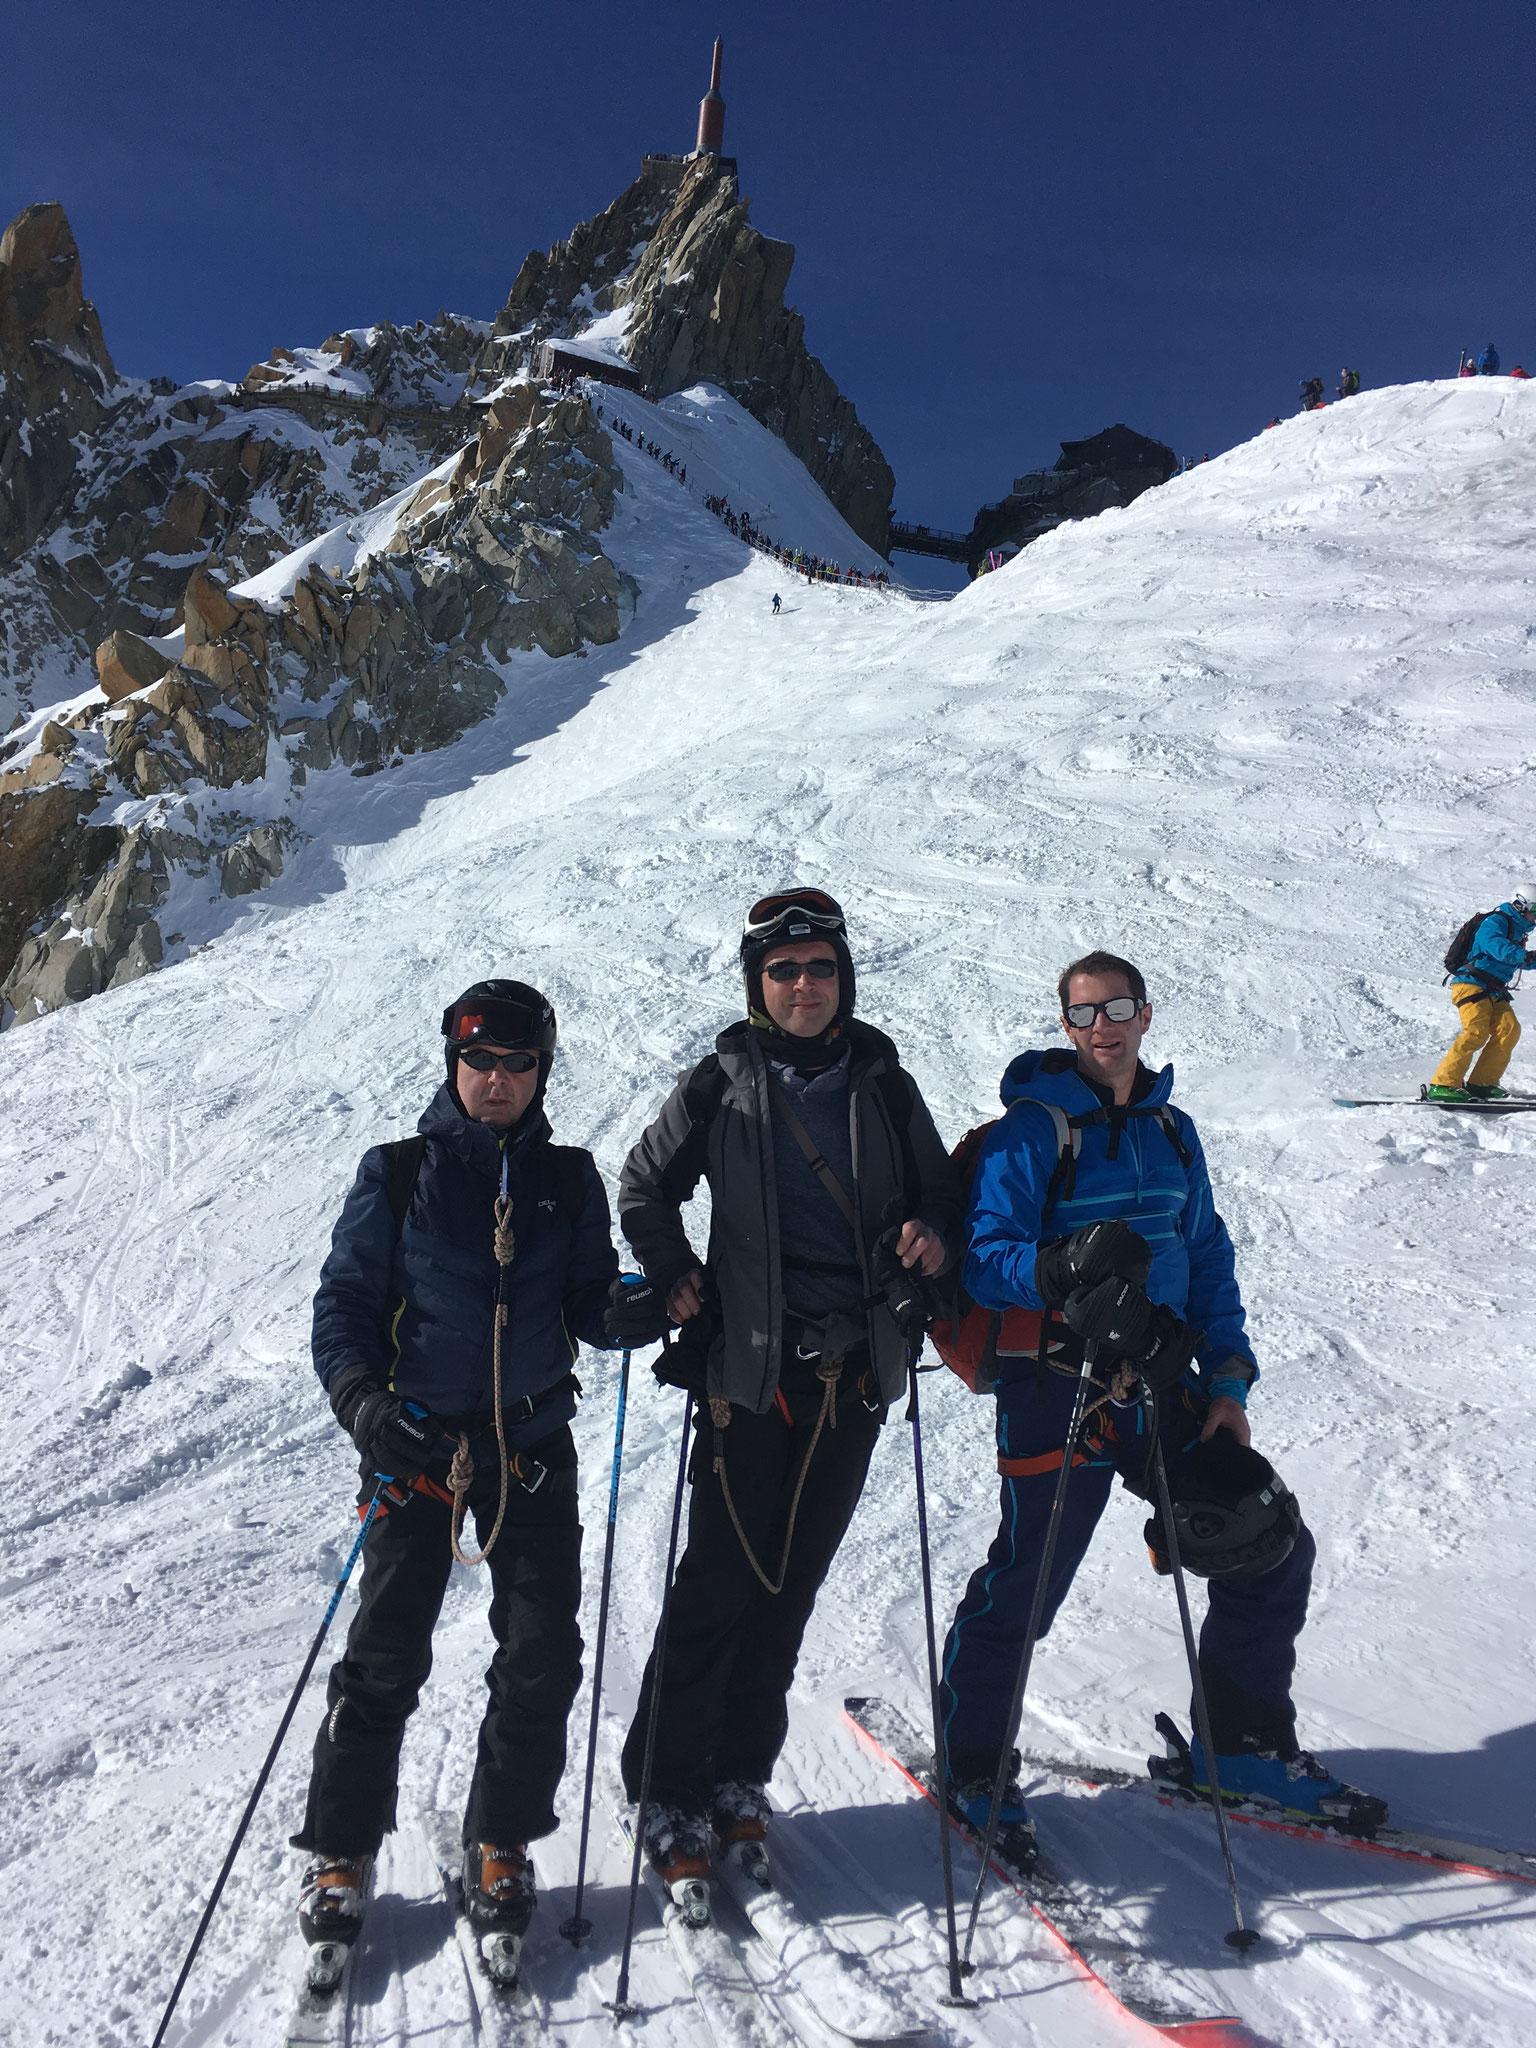 Au pied de l'arête, prêts à skier !